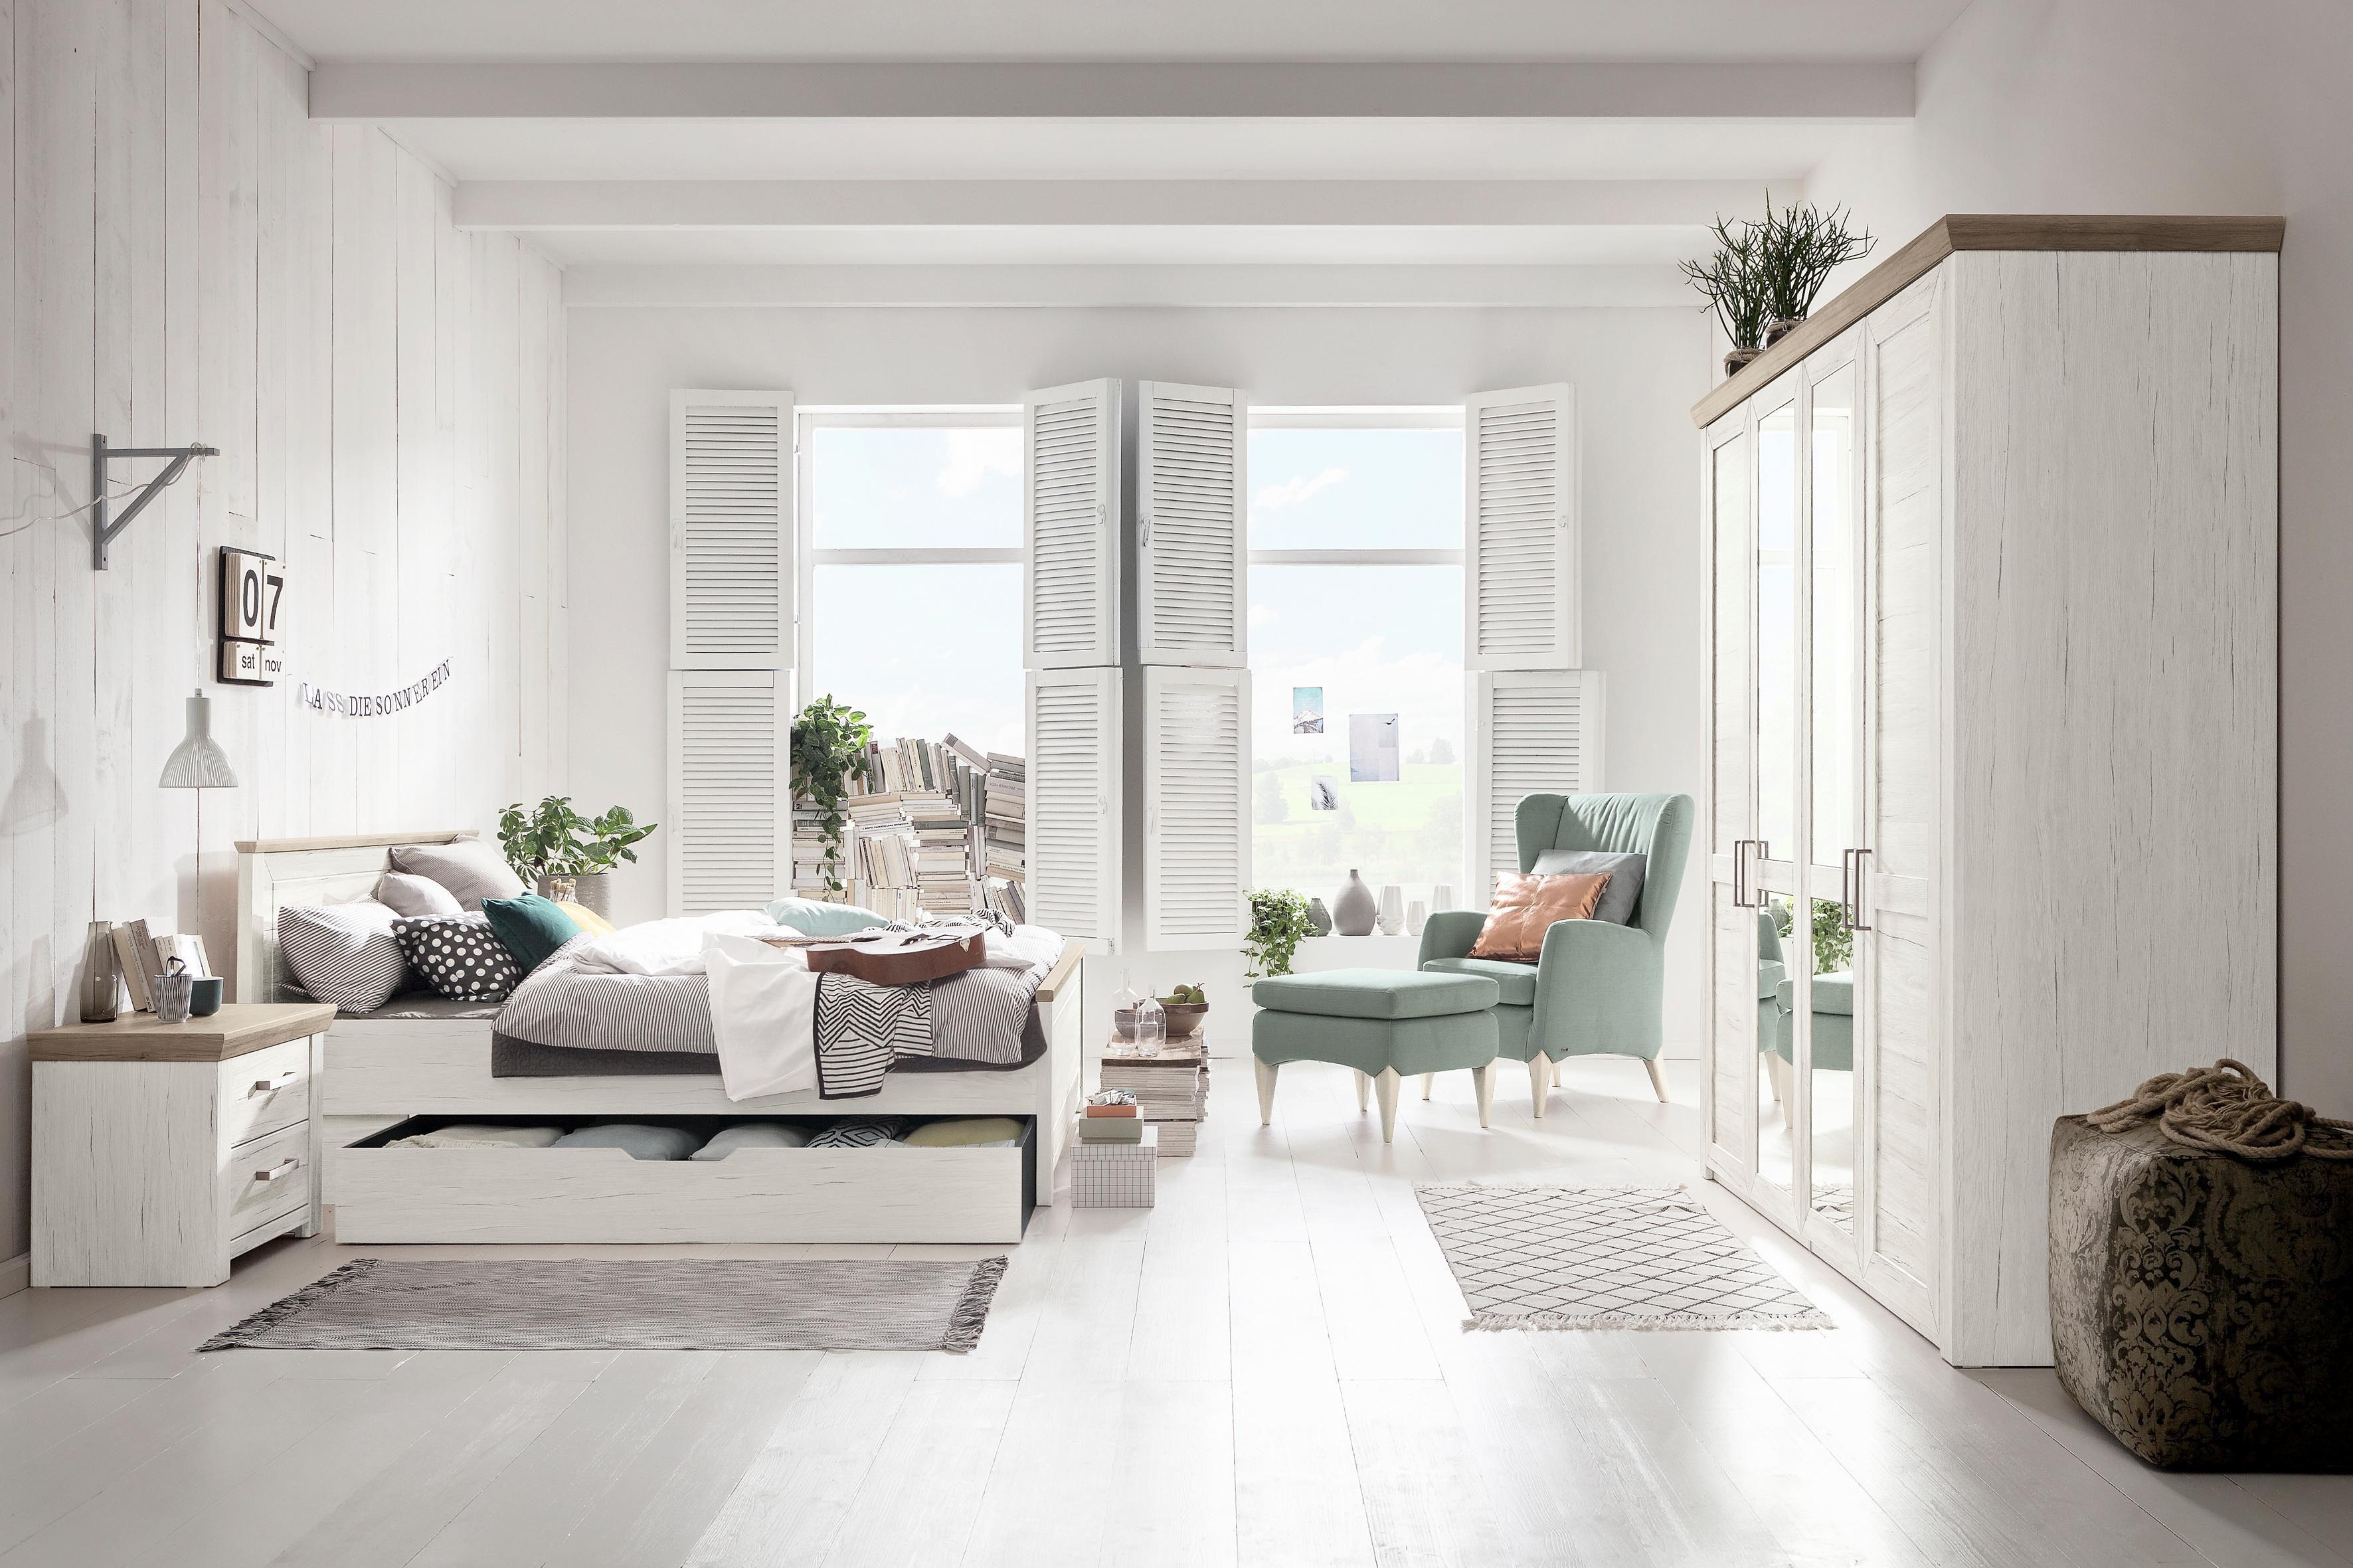 set one by Musterring Drehtürenschrank »Oakland« Typ 71 3SP, San Remo Sand, 5 türig im Landhausstil online kaufen | OTTO